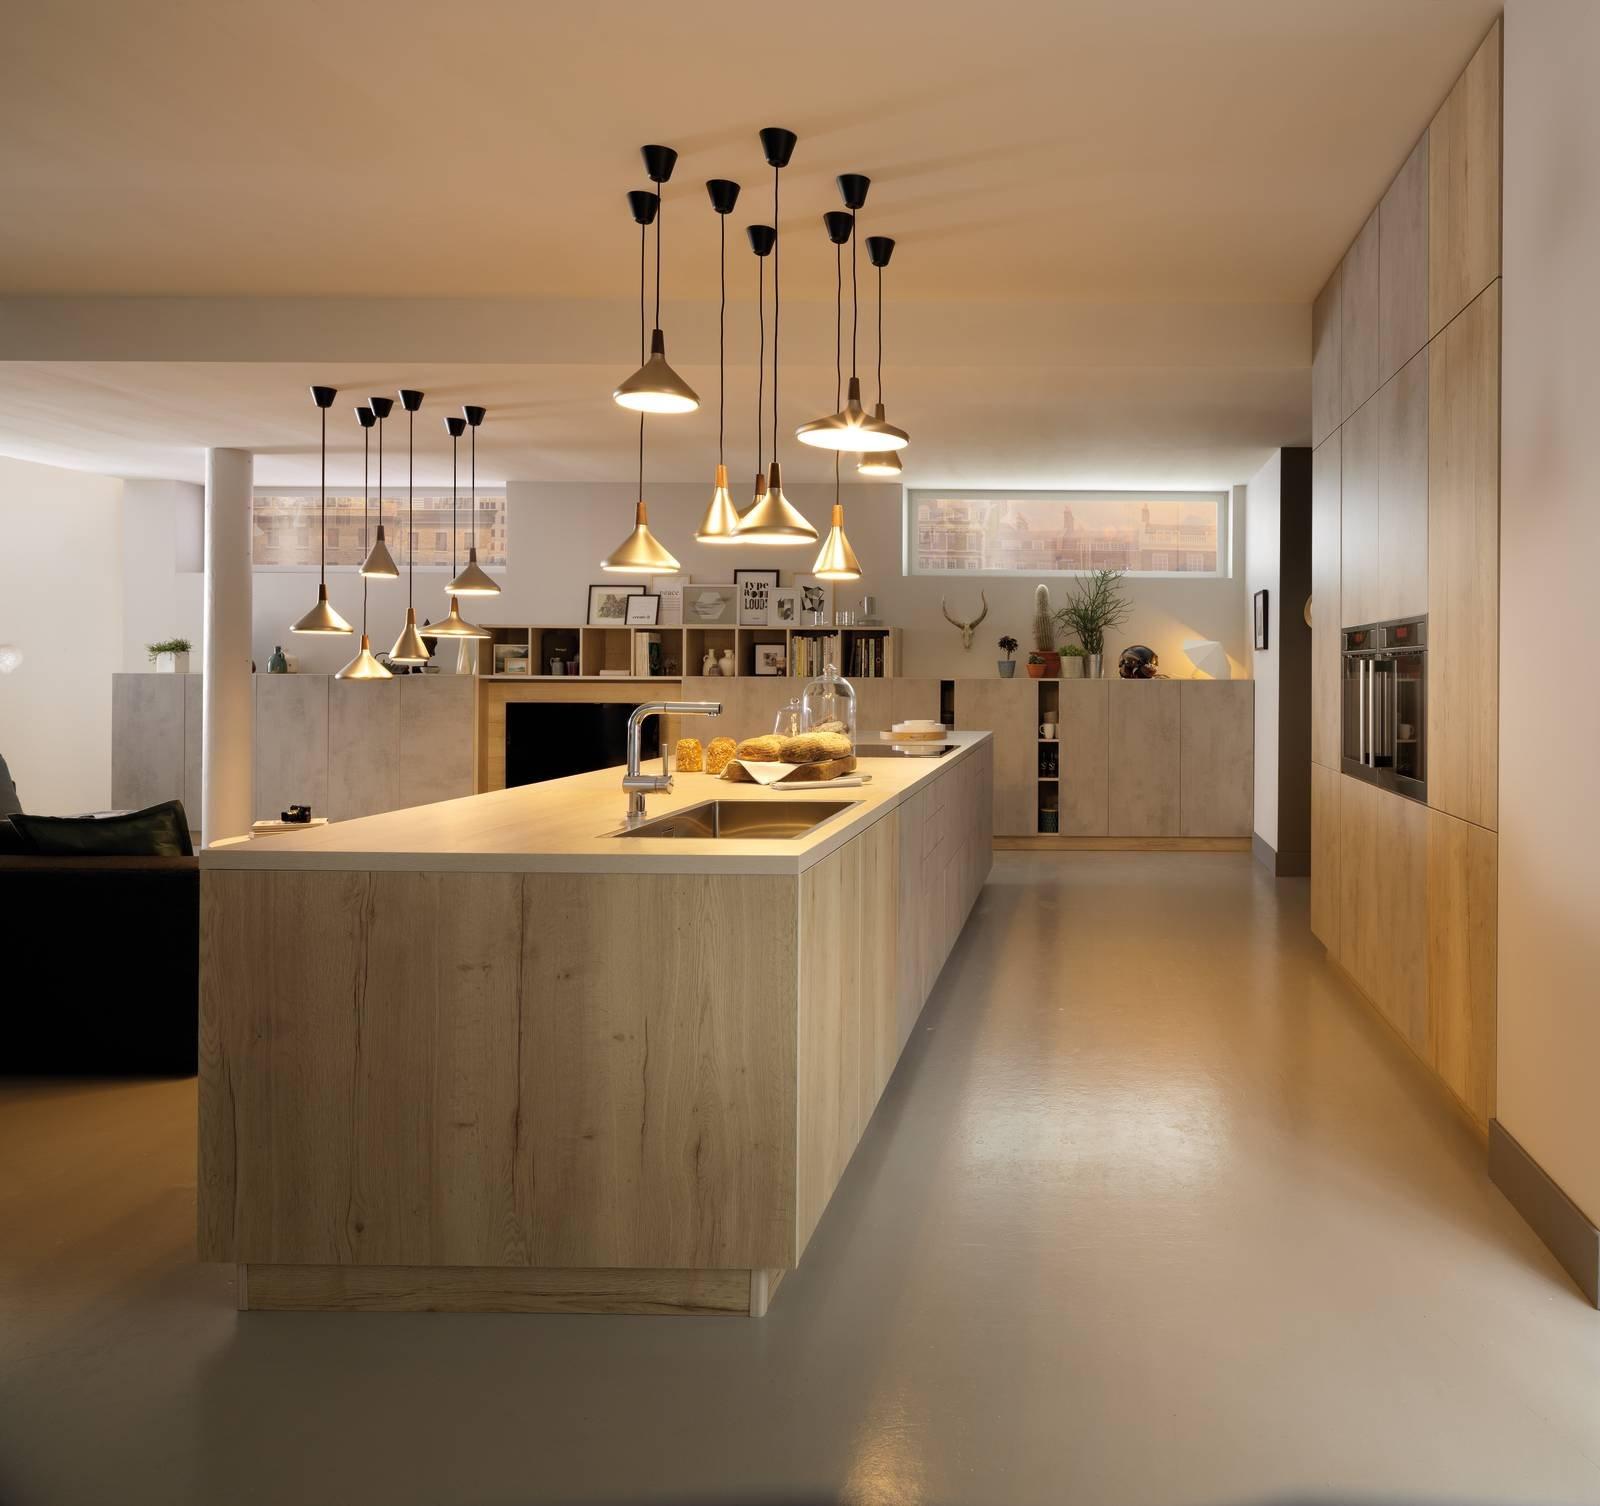 Cucine con l\'isola: 12 modelli per un living votato alla ...